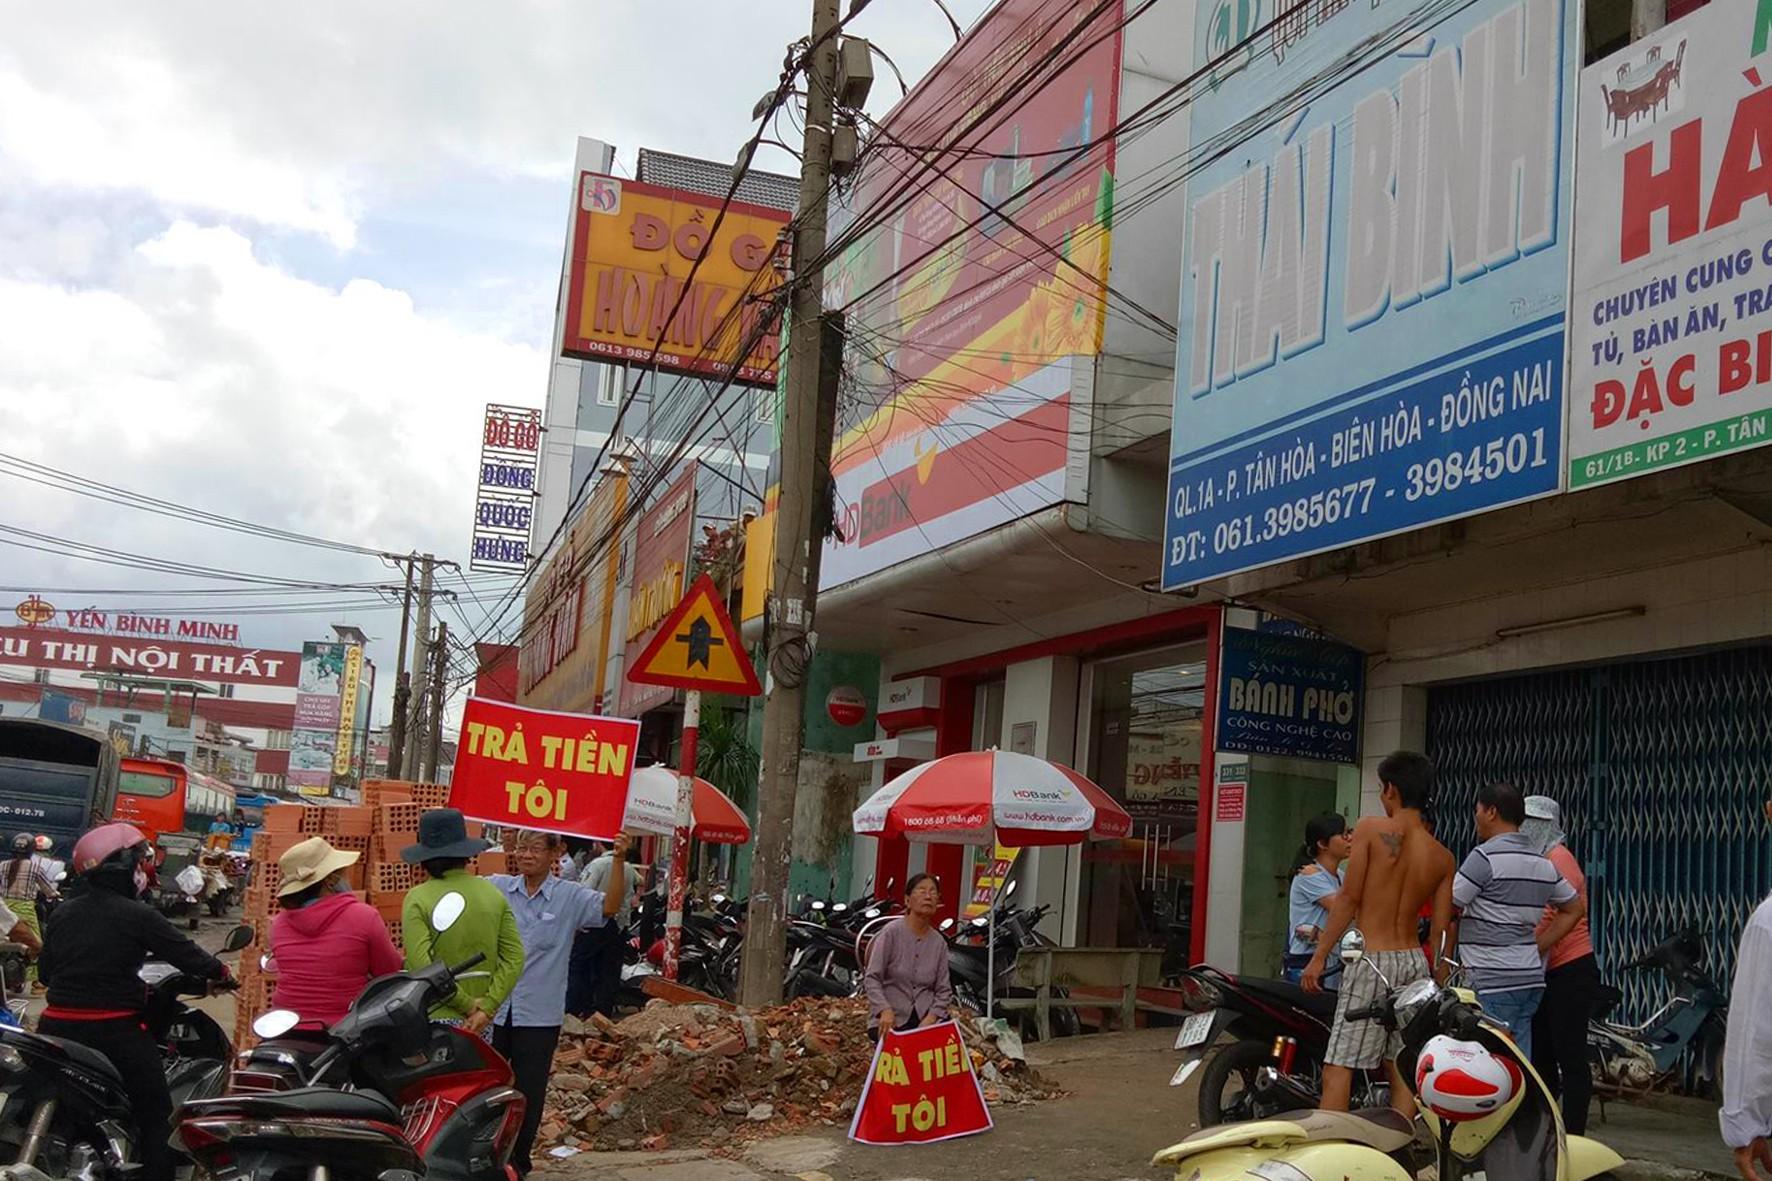 Giám đốc quỹ tín dụng ở Biên Hòa bỏ trốn, dân biểu tình